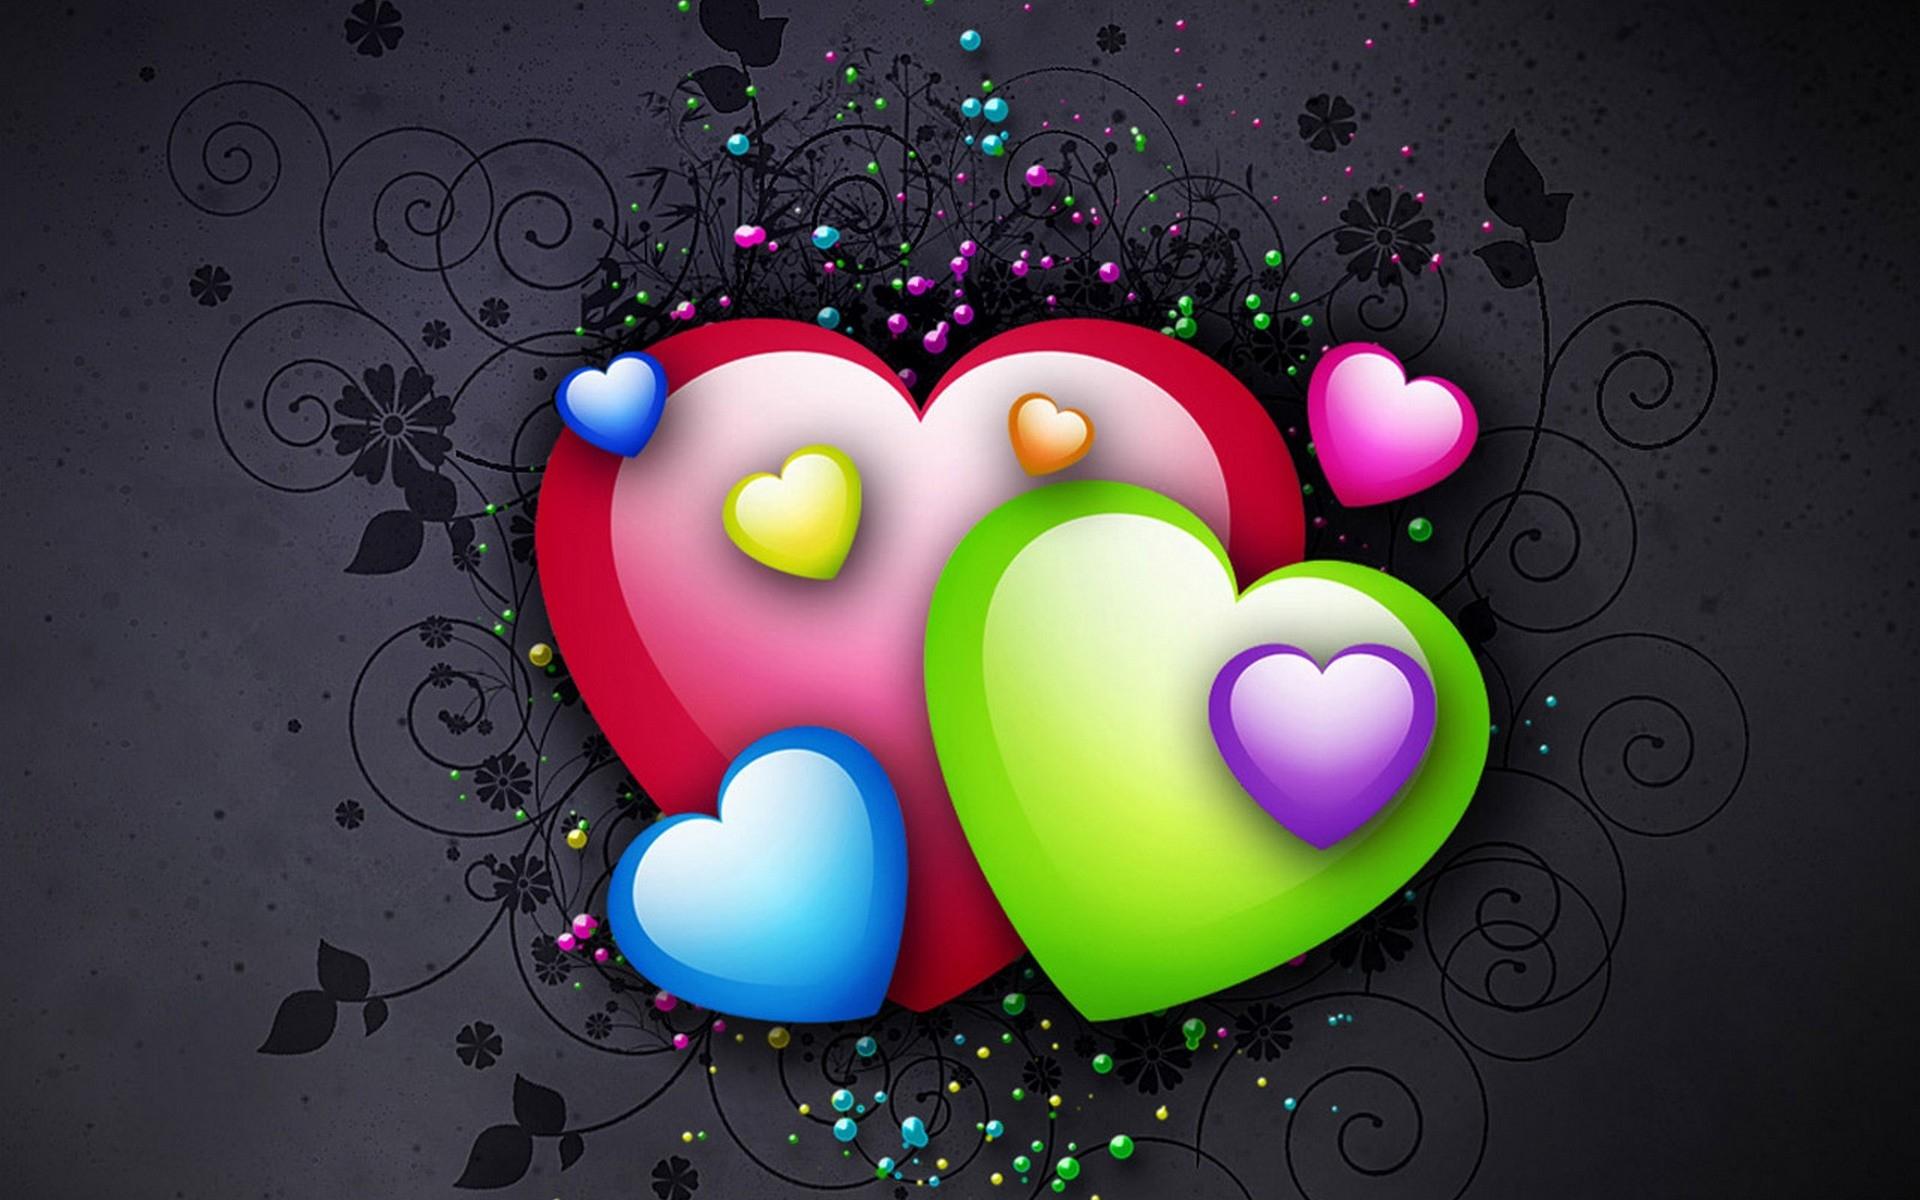 Tapety Barvity Ilustrace Srdce Kreslena Pohadka Kruh Balon